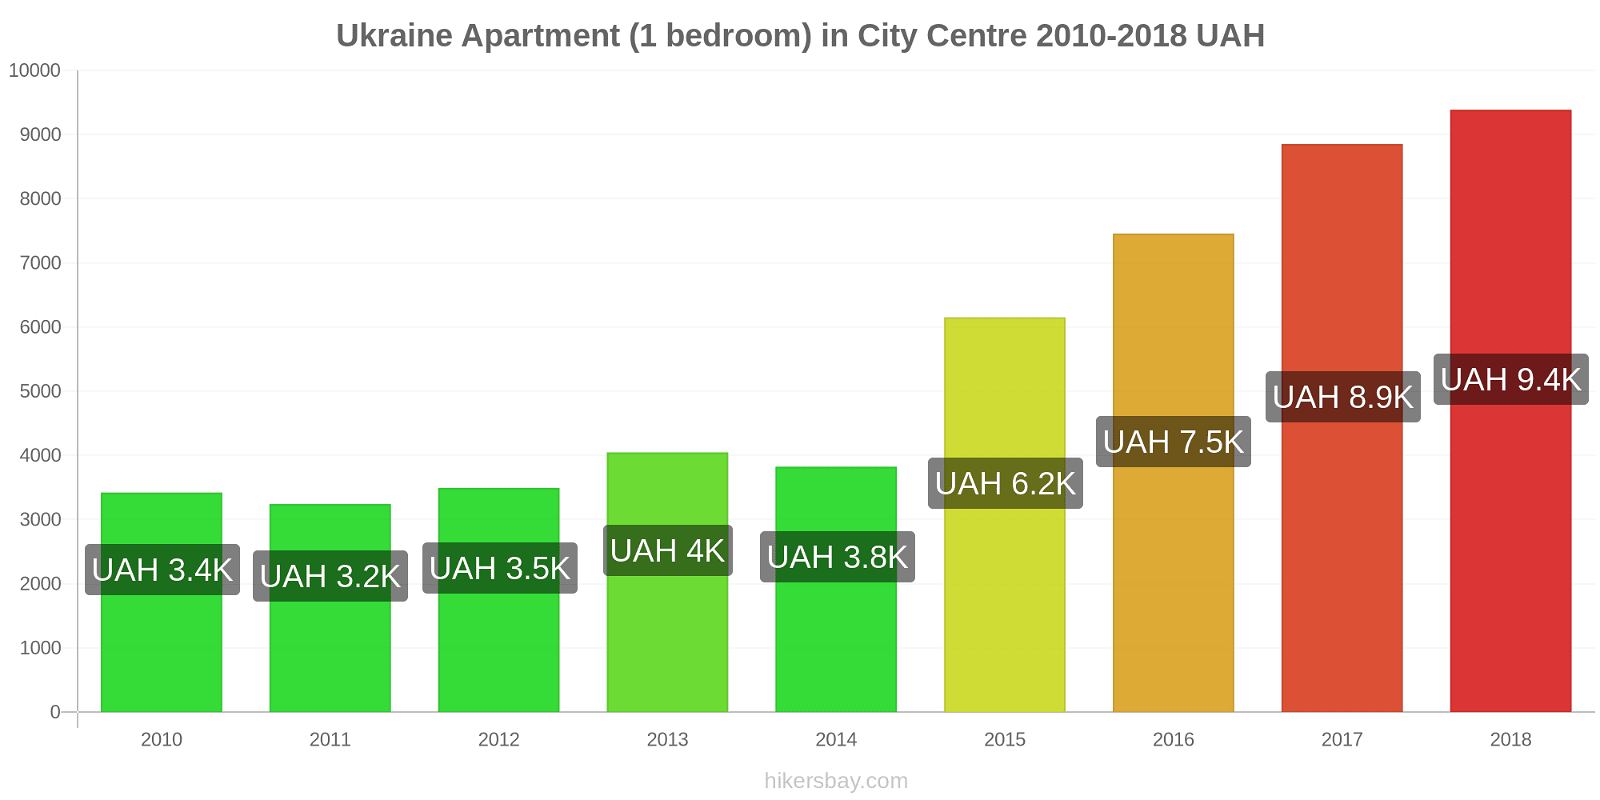 Ukraine price changes Apartment (1 bedroom) in City Centre hikersbay.com